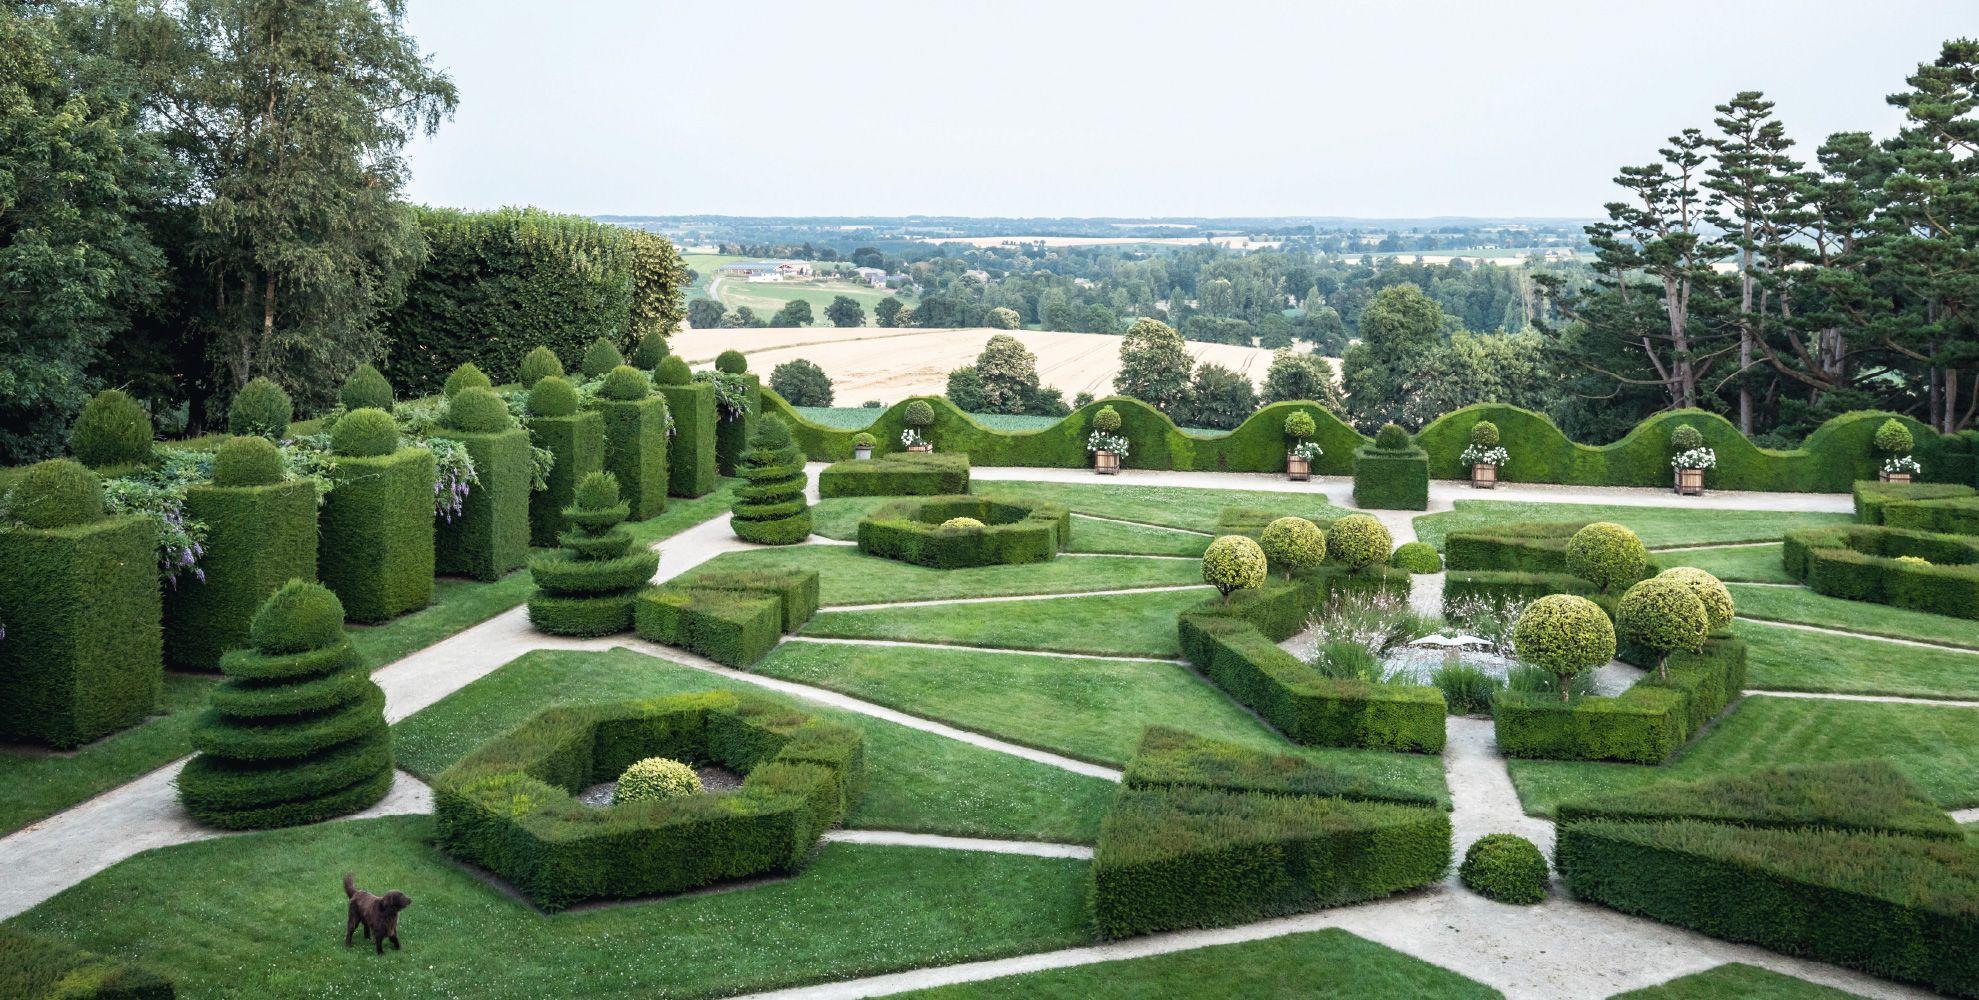 L'originale giardino de La Ballue, incastonato nel paesaggio bretone